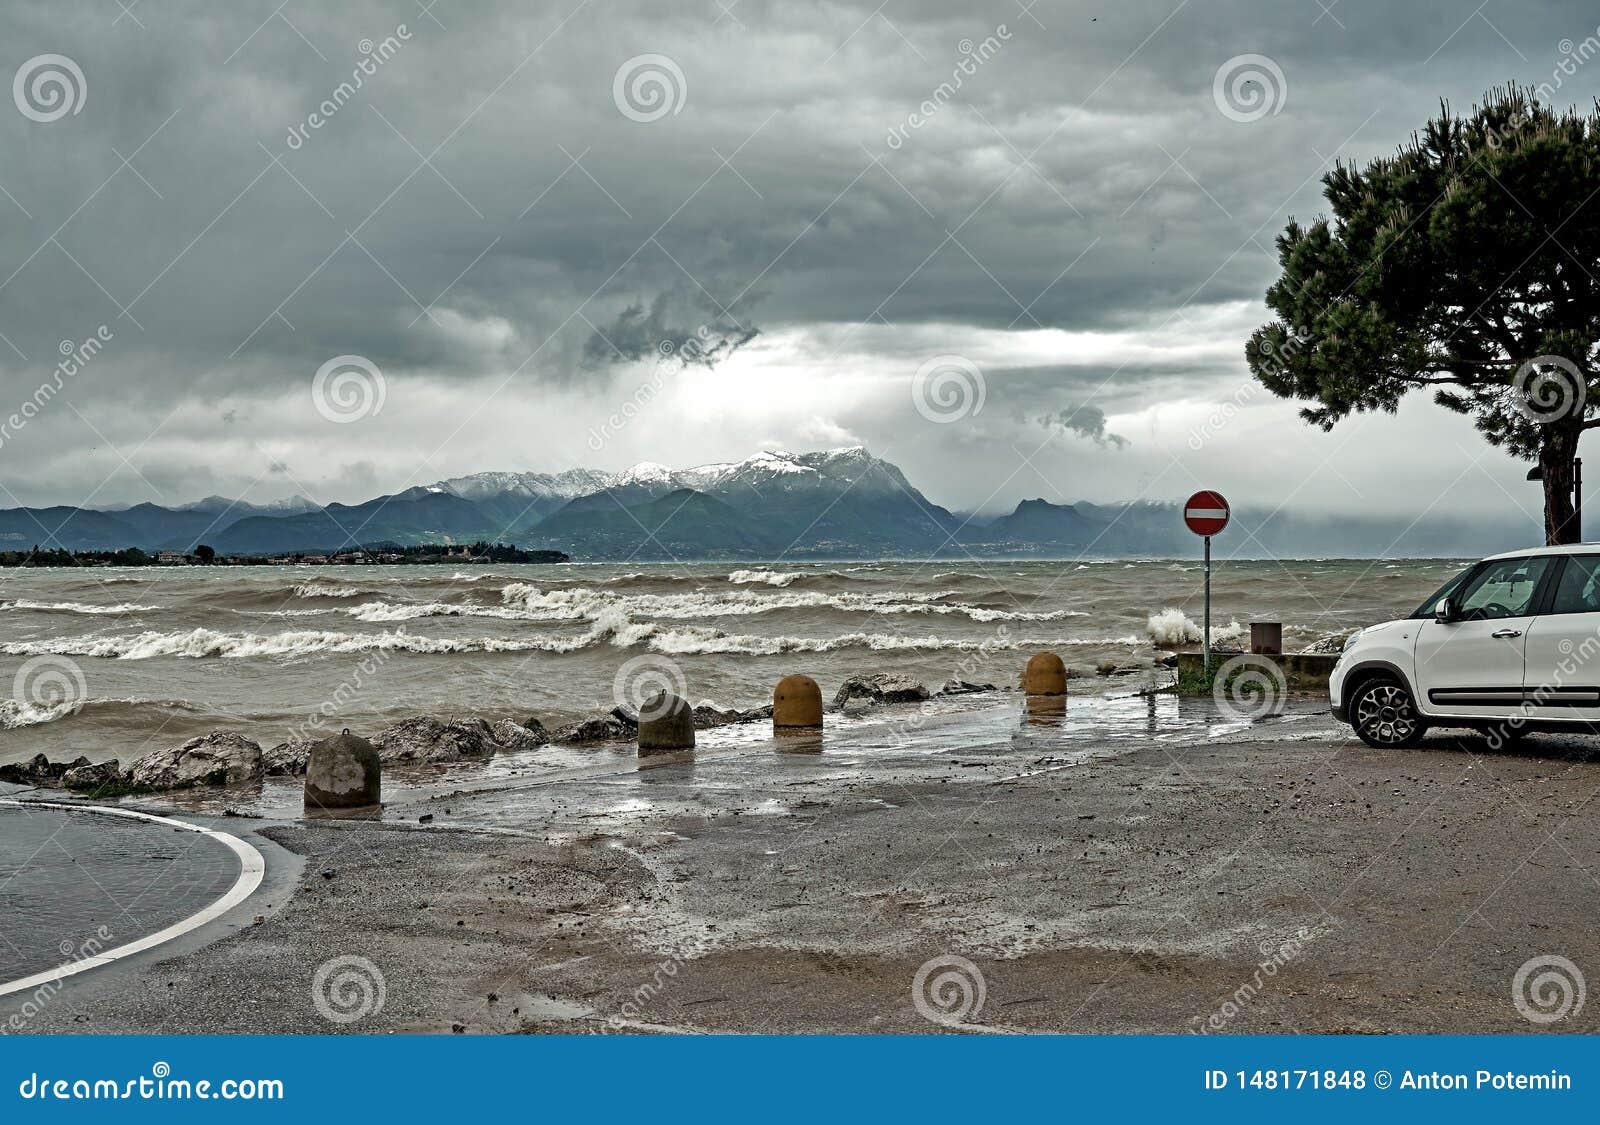 Πανέμορφη λίμνη Garda στην Ιταλία που περιβάλλεται από τα βουνά και τα θυελλώδη σύννεφα